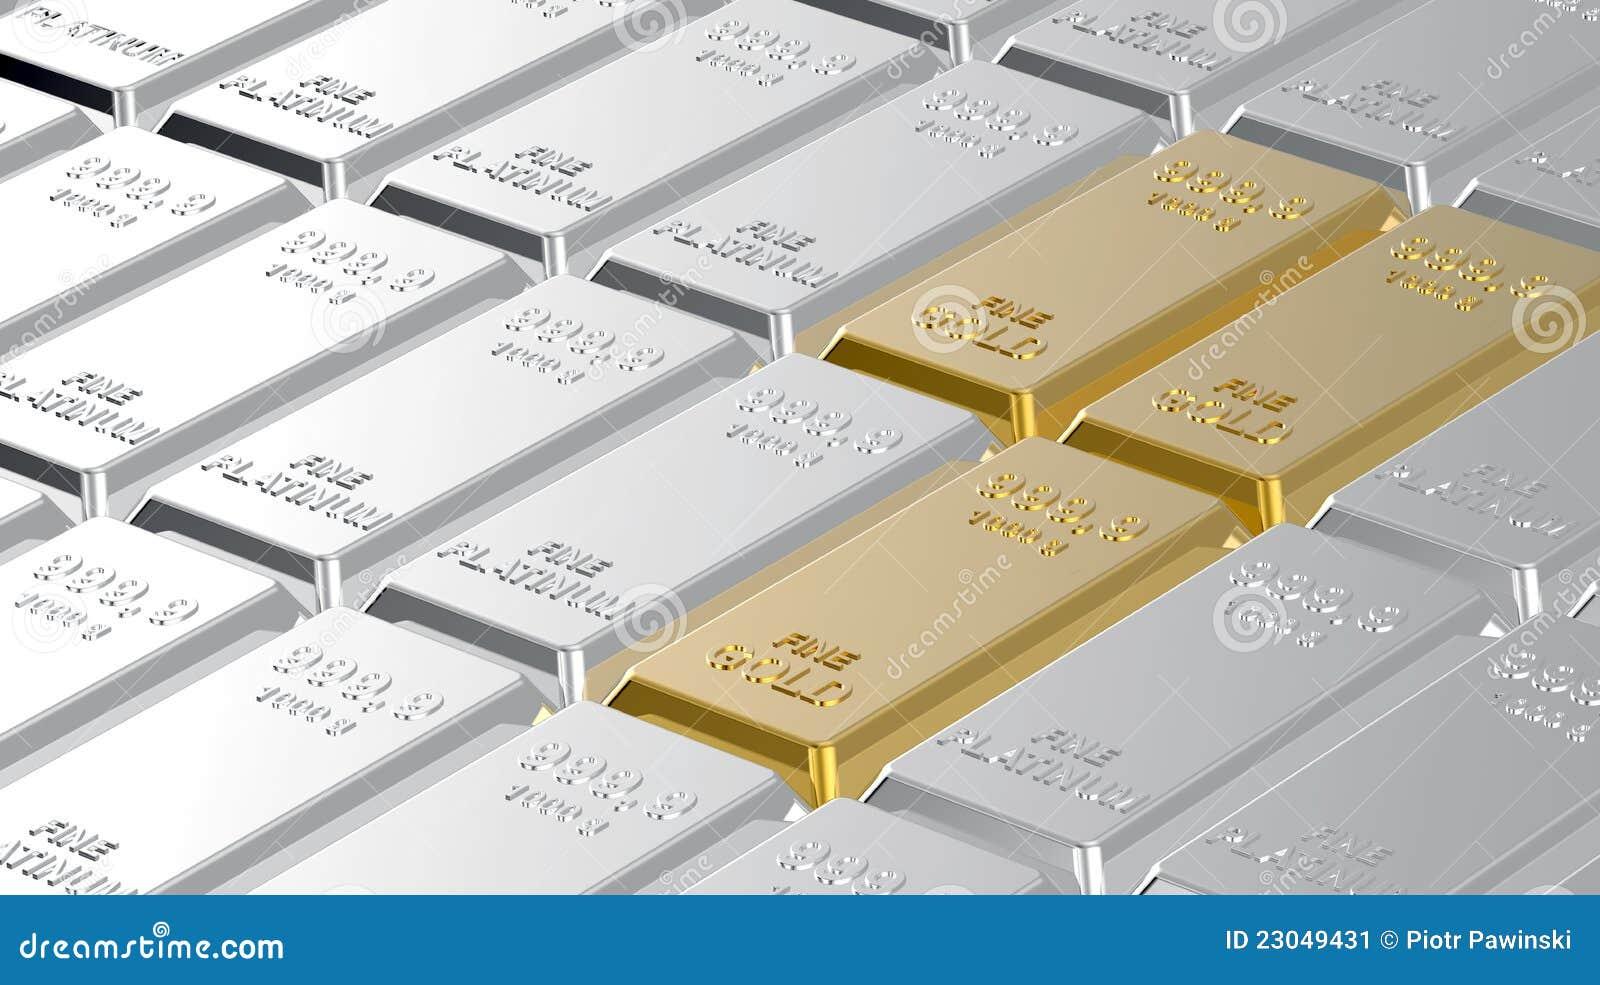 Gold And Platinum Ingots. Stock Image - Image: 23049431